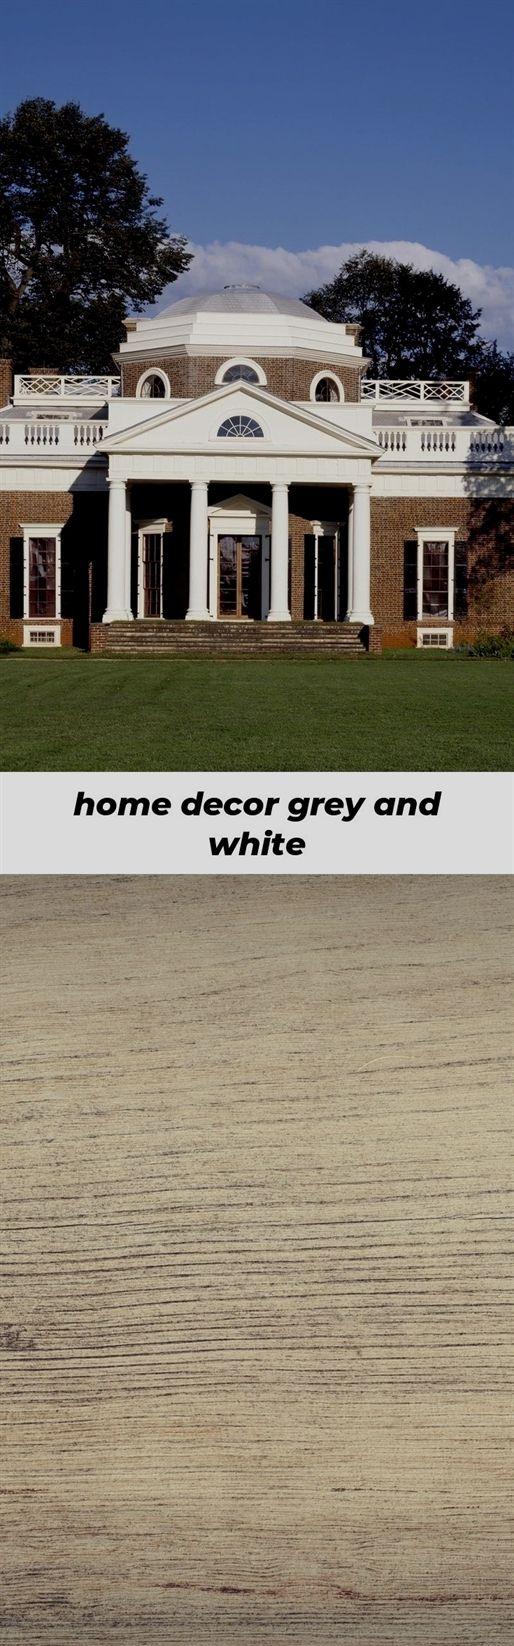 home decor grey and white 300 20181003173114 62 cheap home decor rh pinterest com